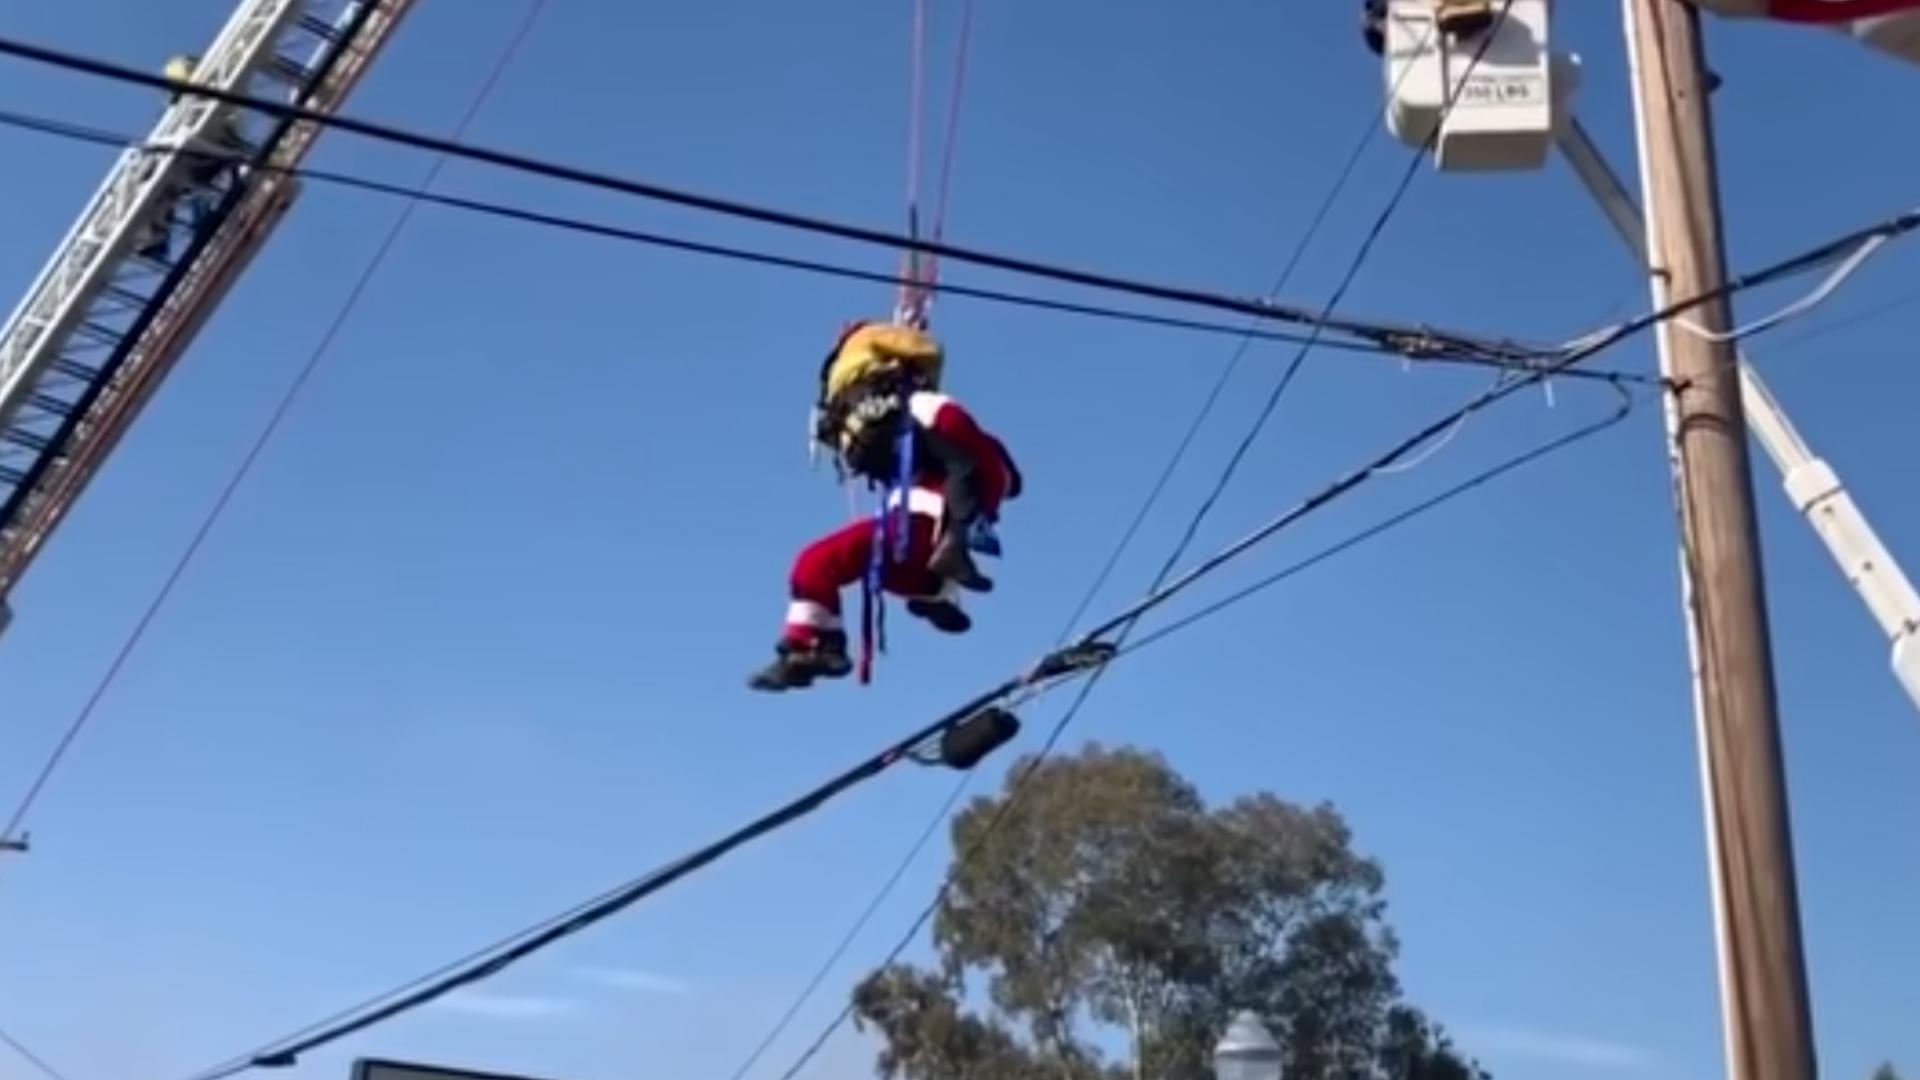 Santa Claus es rescatado después de enredarse en los cables eléctricos